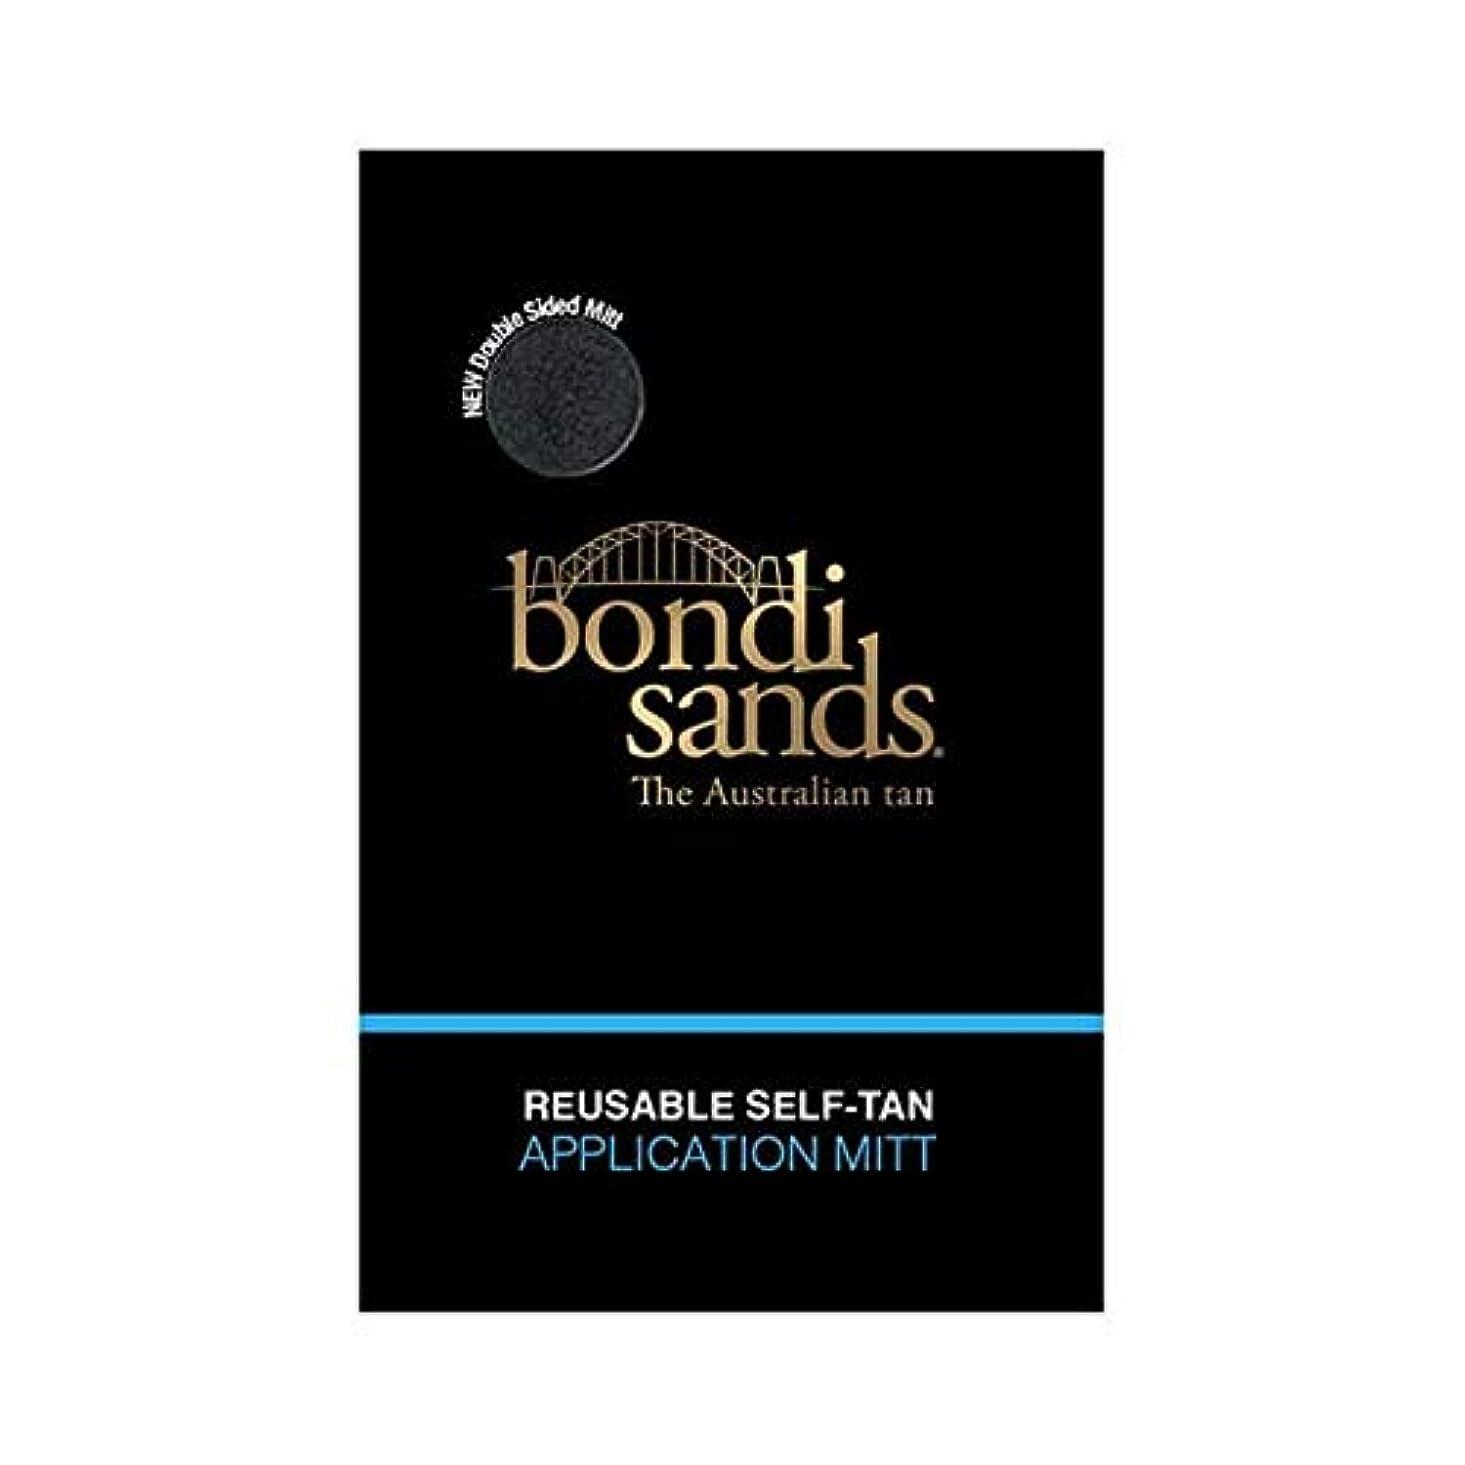 気晴らしおじいちゃん疑わしい[Bondi Sands ] ボンダイサンド自己日焼けアプリケーションミット - Bondi Sands Self Tan Application Mitt [並行輸入品]